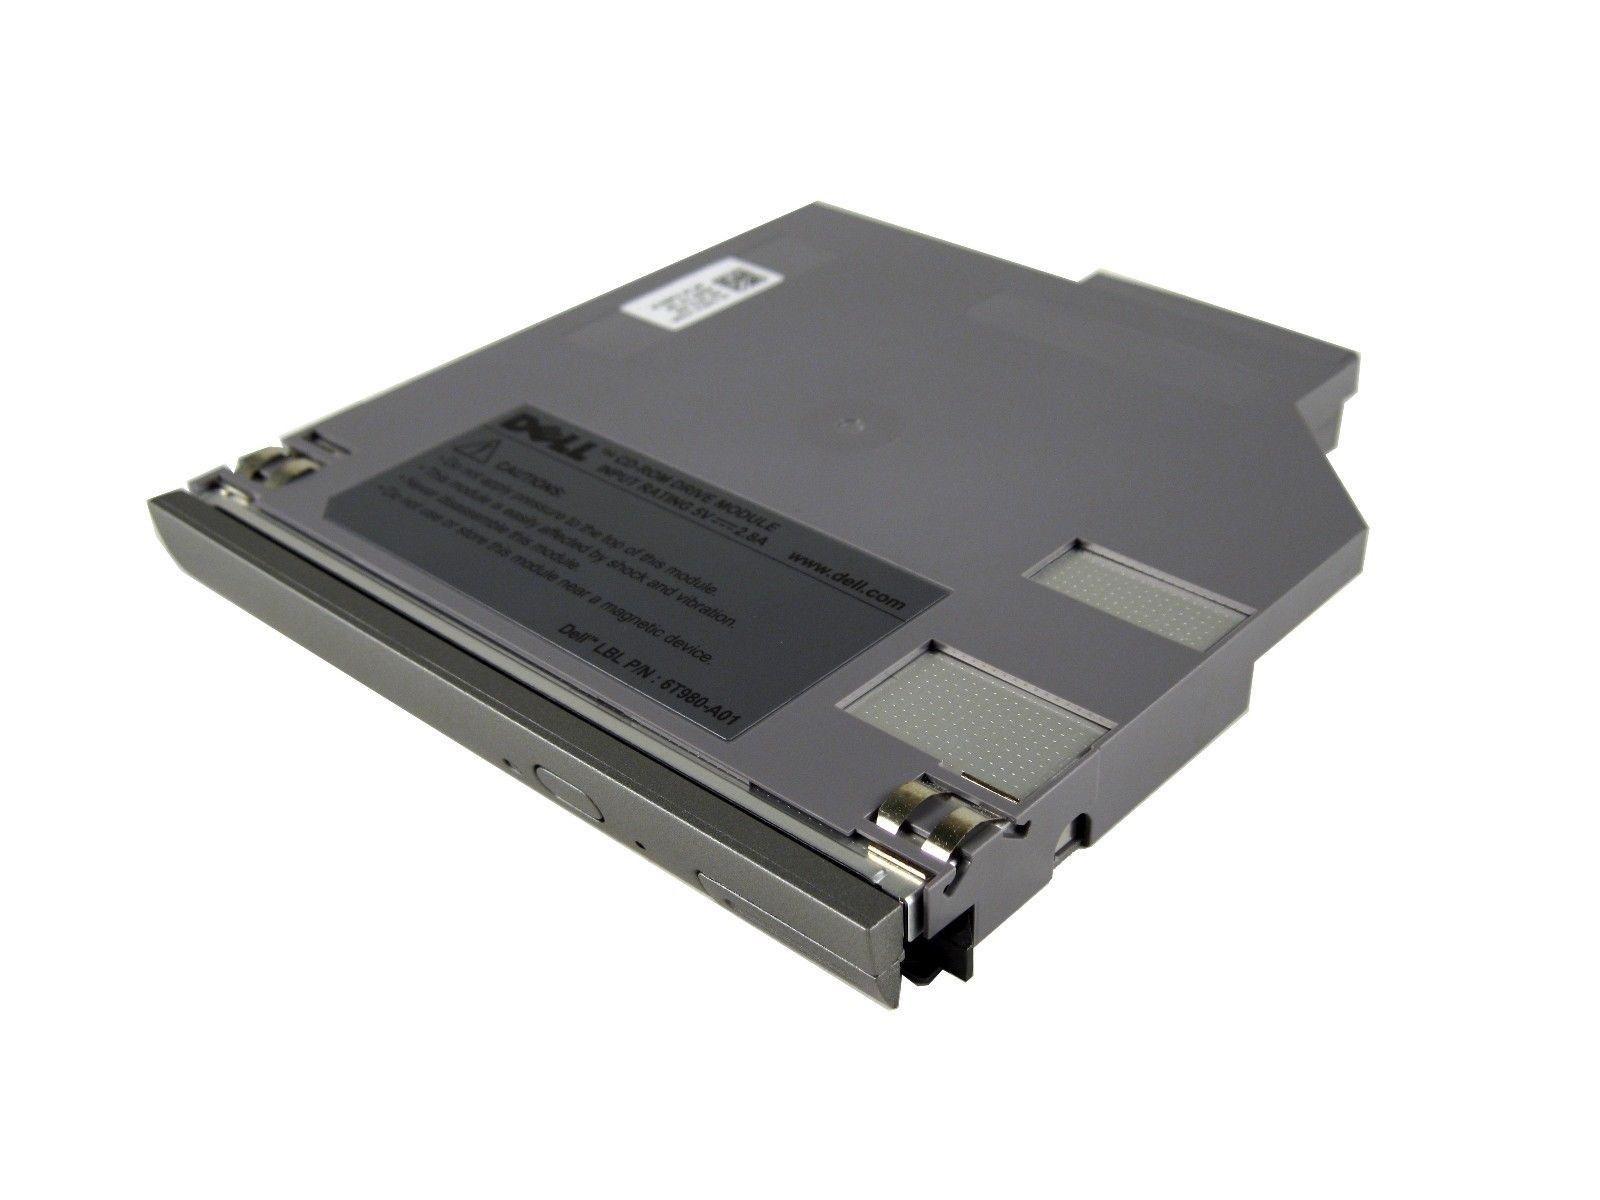 Dell JN314 Latitude D430 D531 D630 24X DVD-ROM IDE Optical Drive